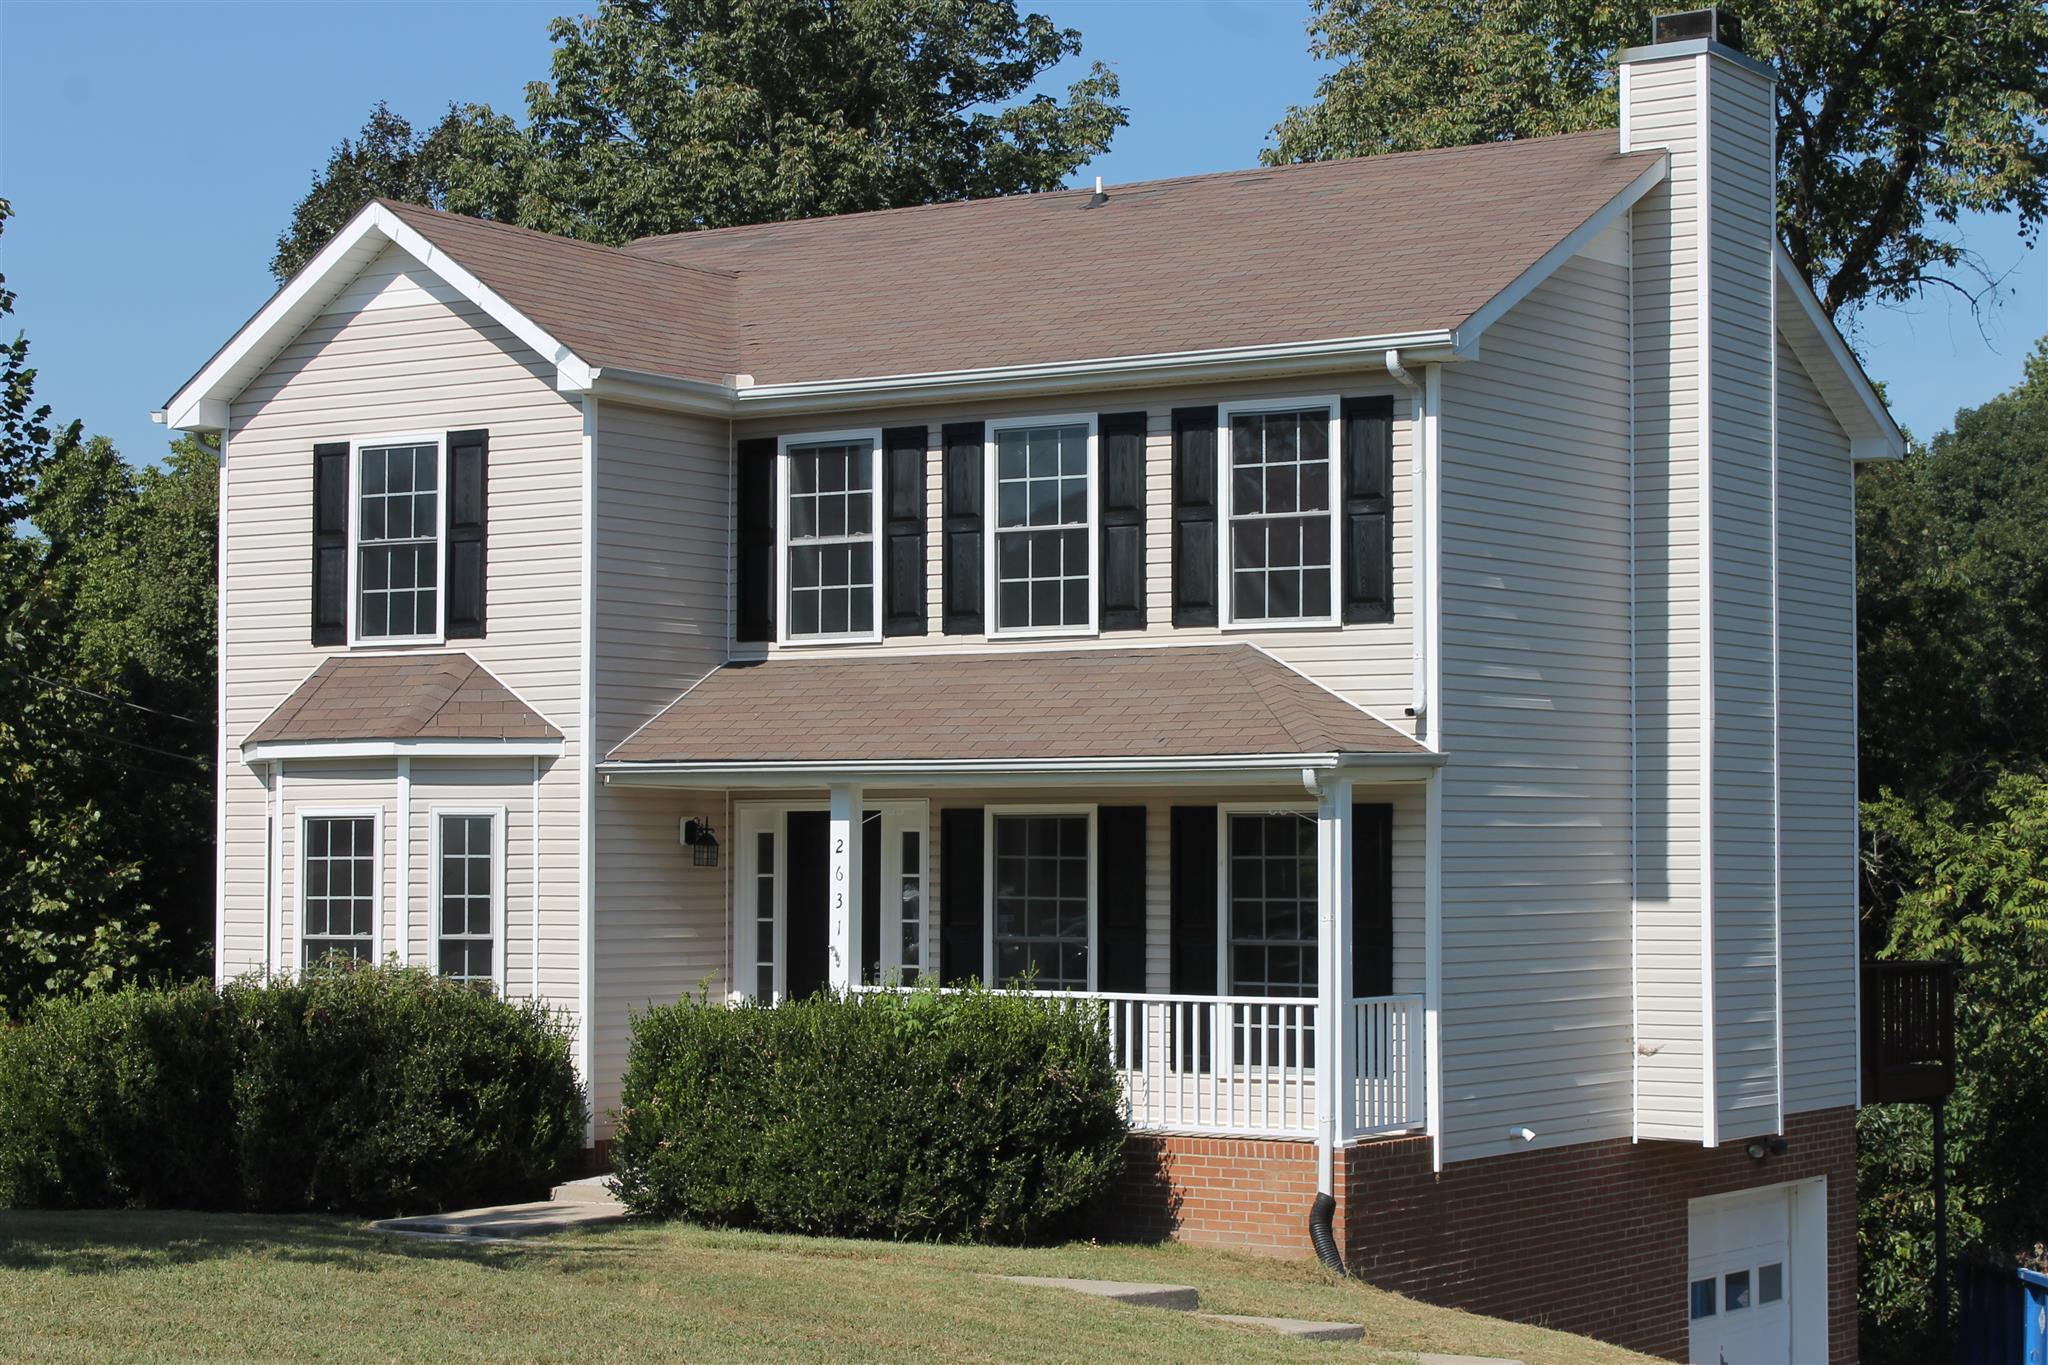 2631 Elkmont Dr, Clarksville, TN 37040